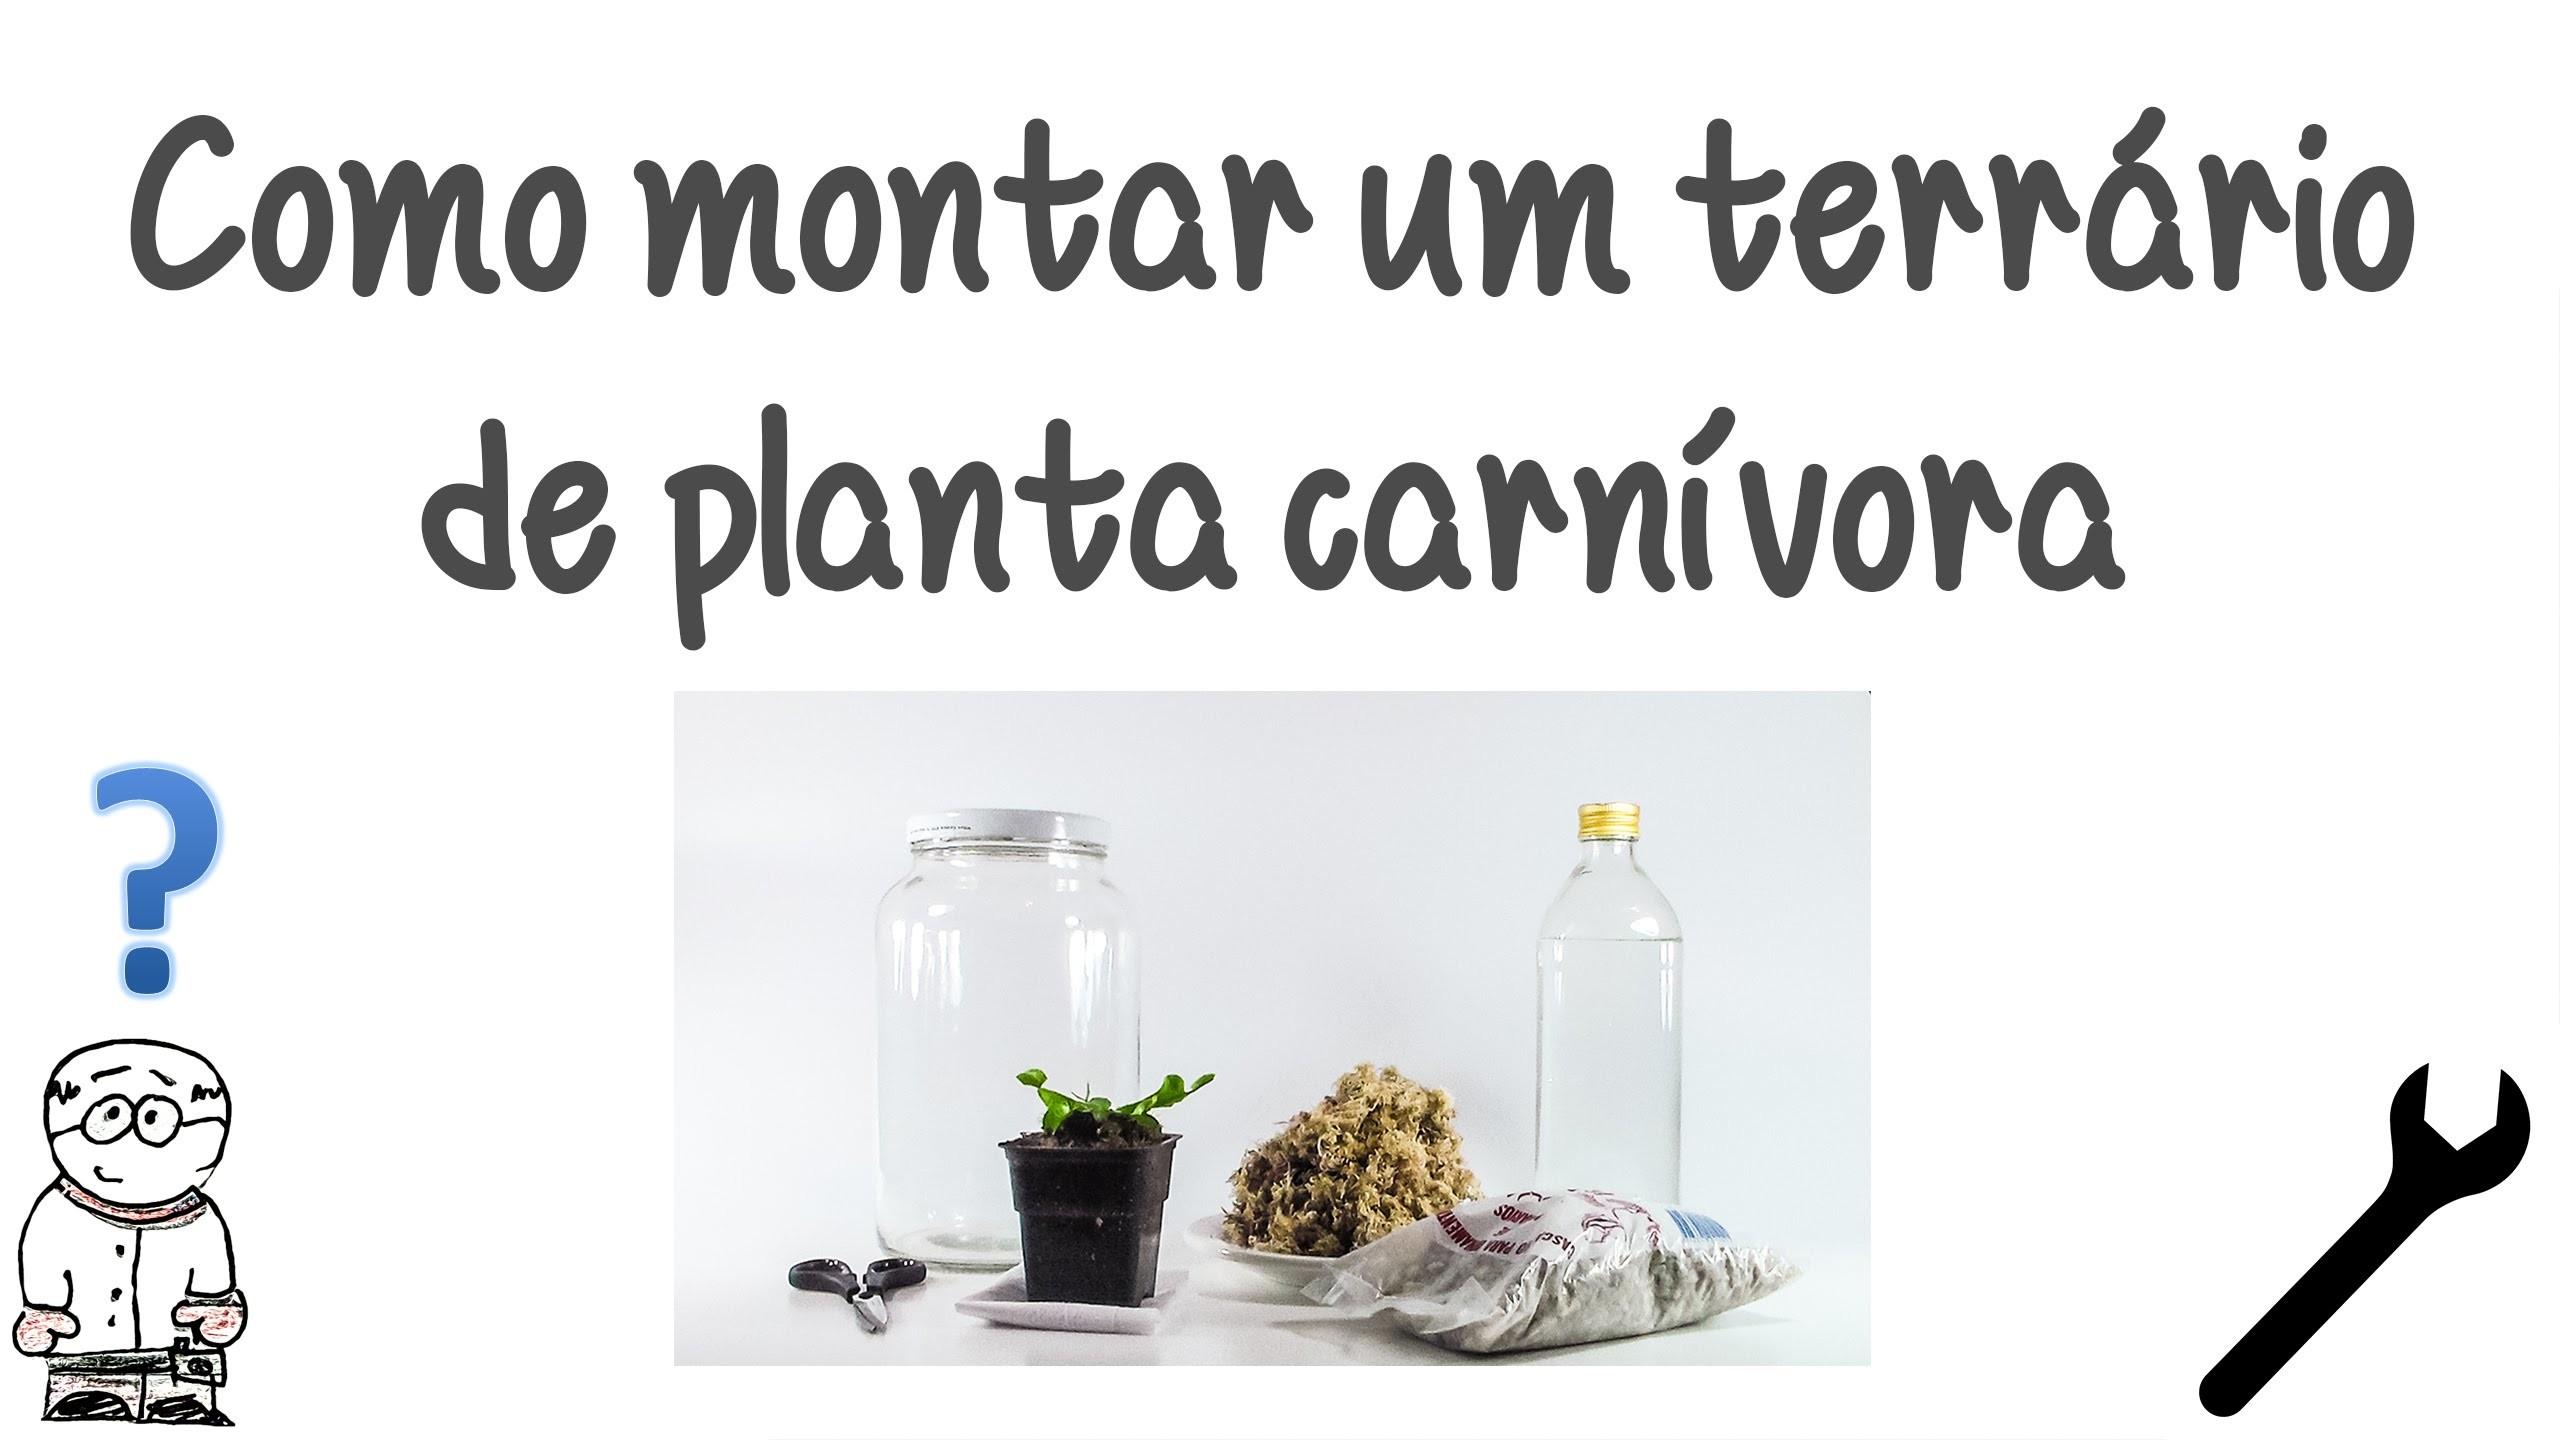 Como montar um terrário de planta carnívora. DIY How to make a venus flytrap terrarium